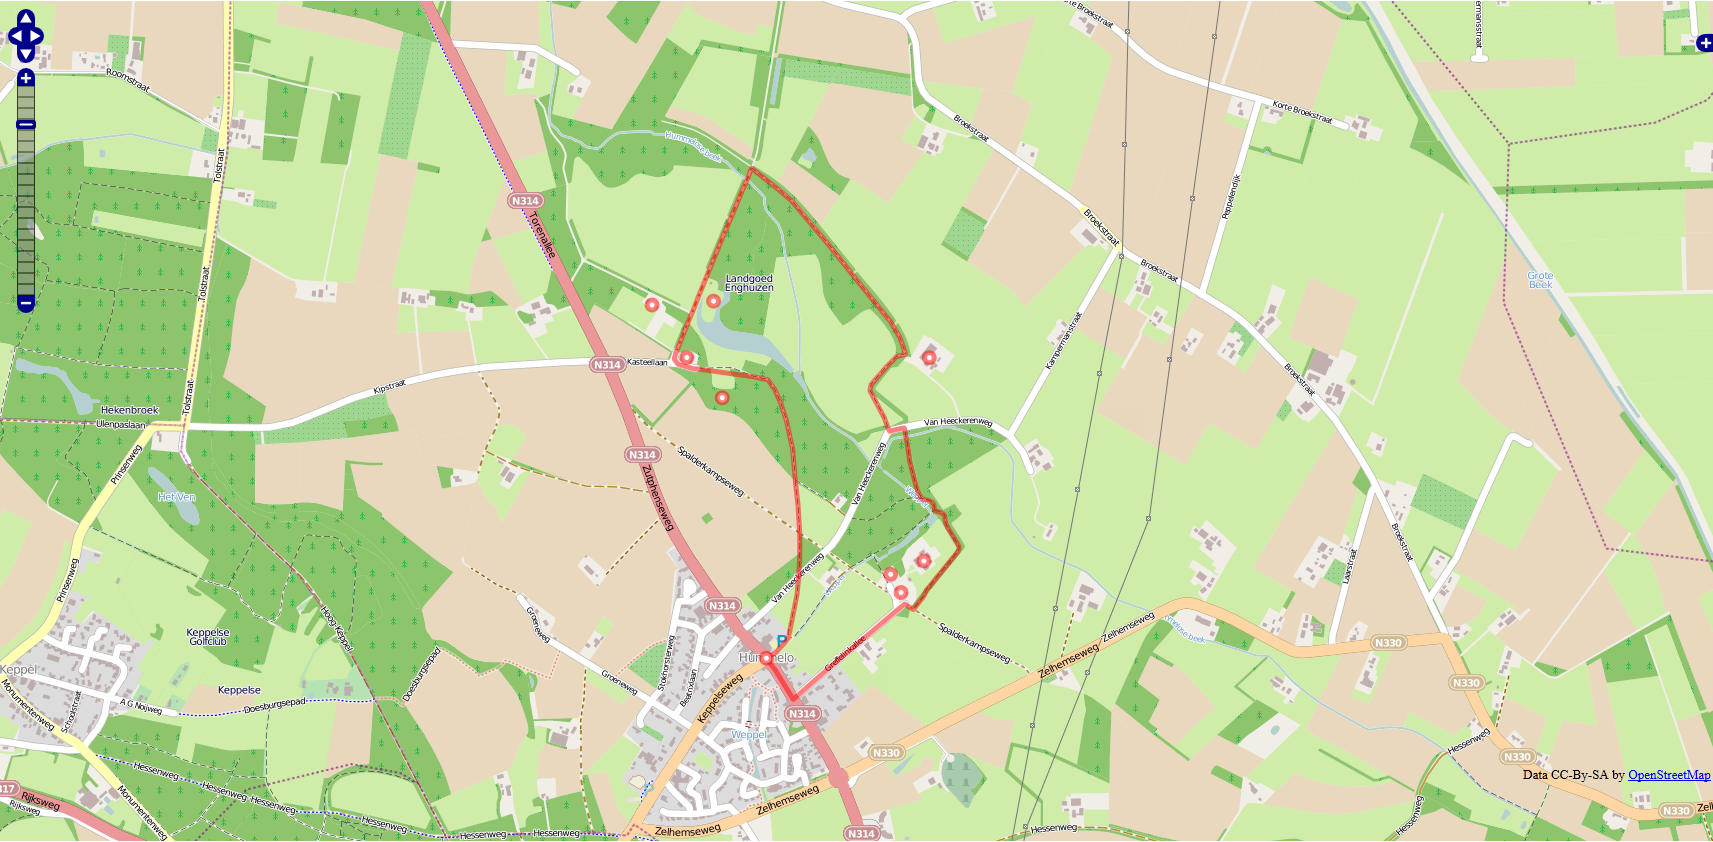 Kaart van de Enghuizenroute in Openstreetmap